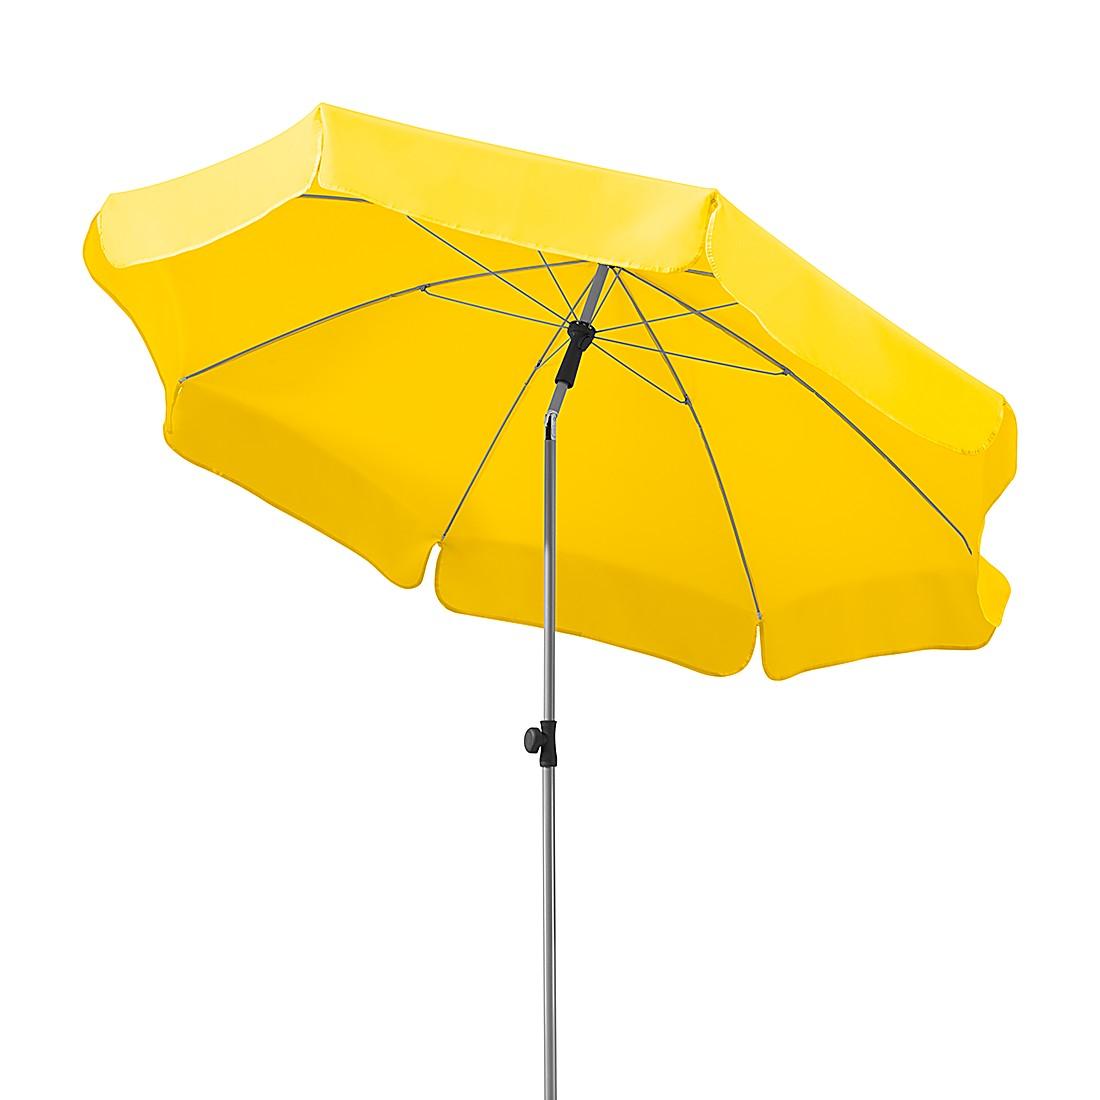 Lugano 200 Sonnenschirm - Stahl/Polyester - Silber/Zitrus, Schneider Schirme